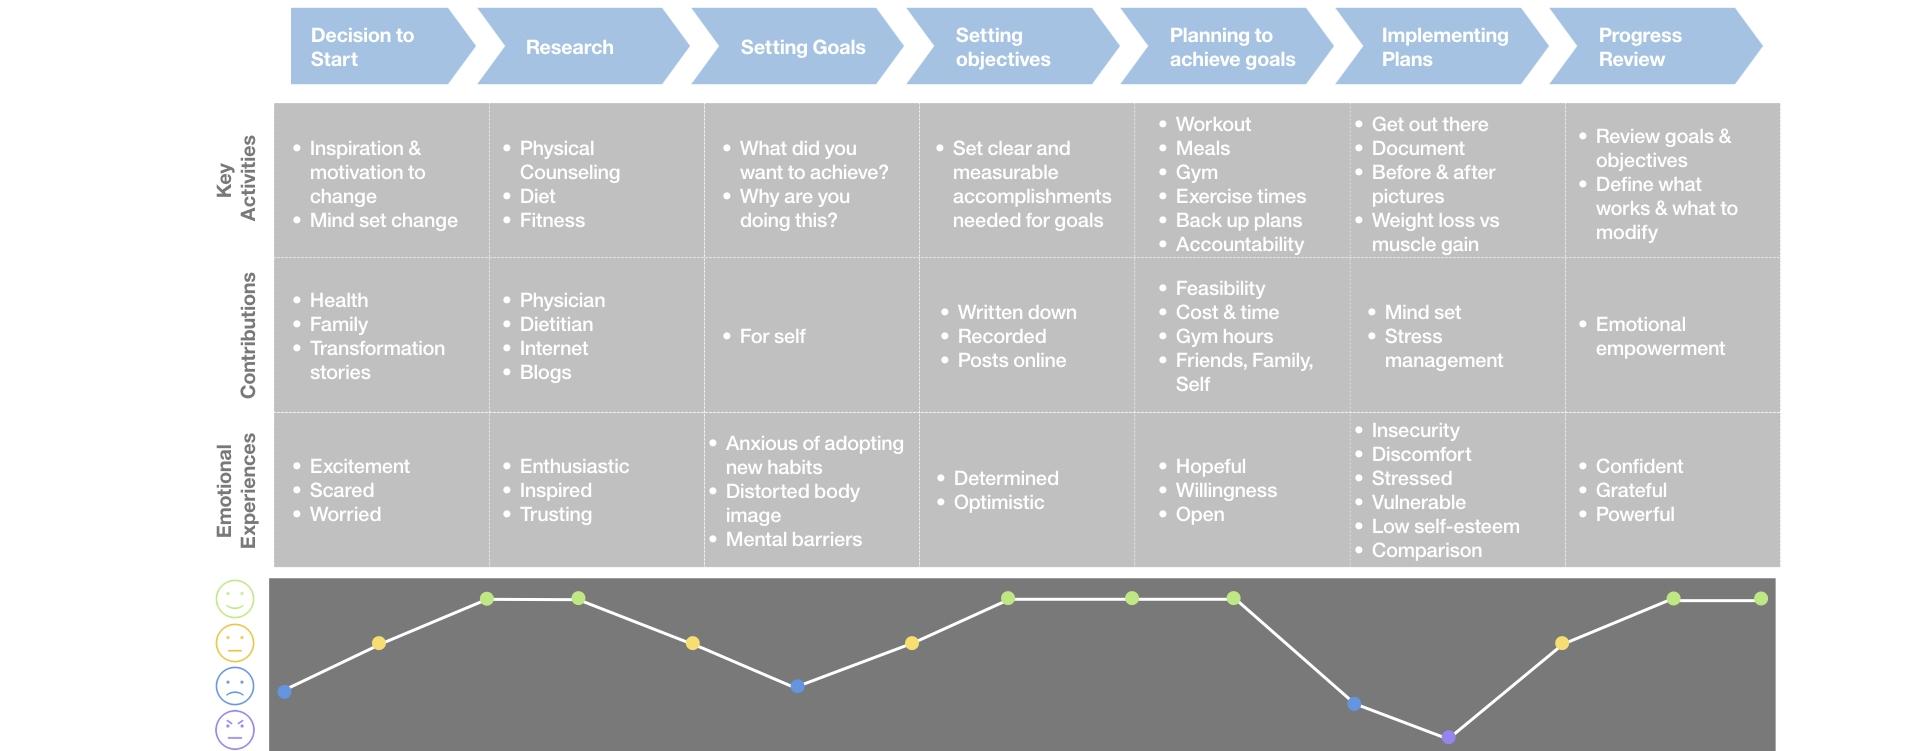 UX_portfolio_journey_map_UX BUSINESS STRATEGY